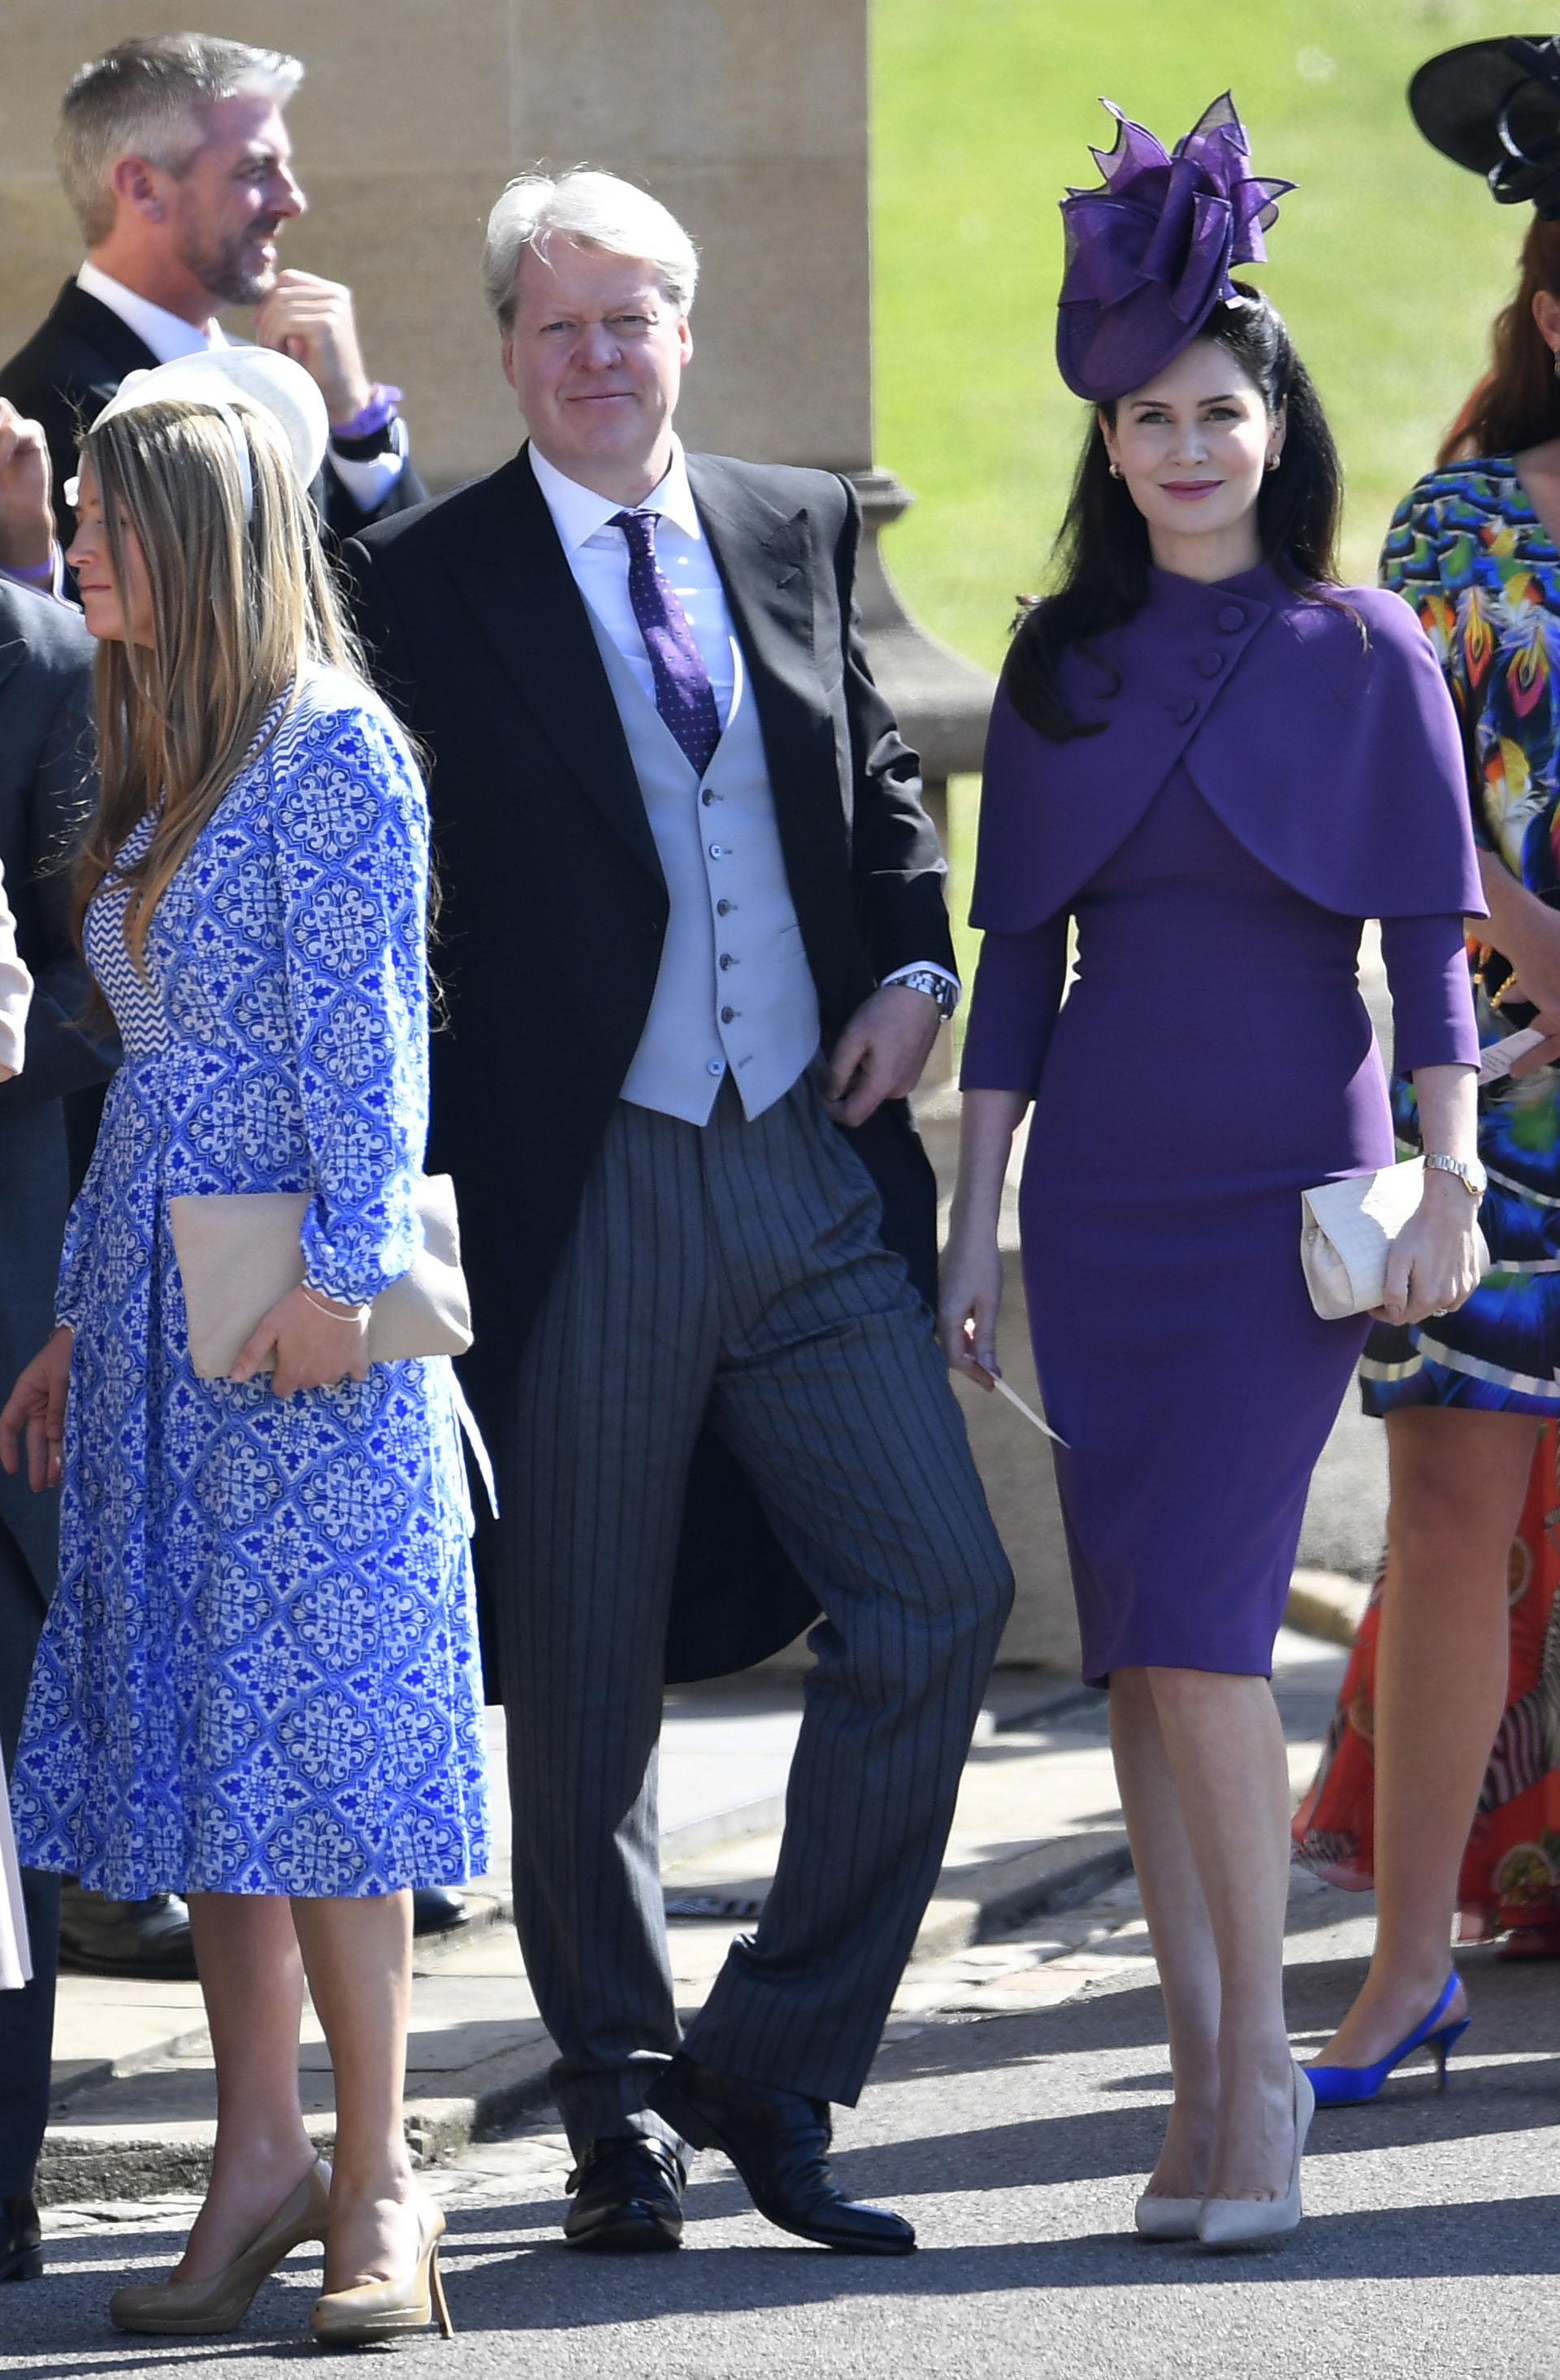 Charles Spencer, hermano de la fallecida Lady Di, y su esposa Karen